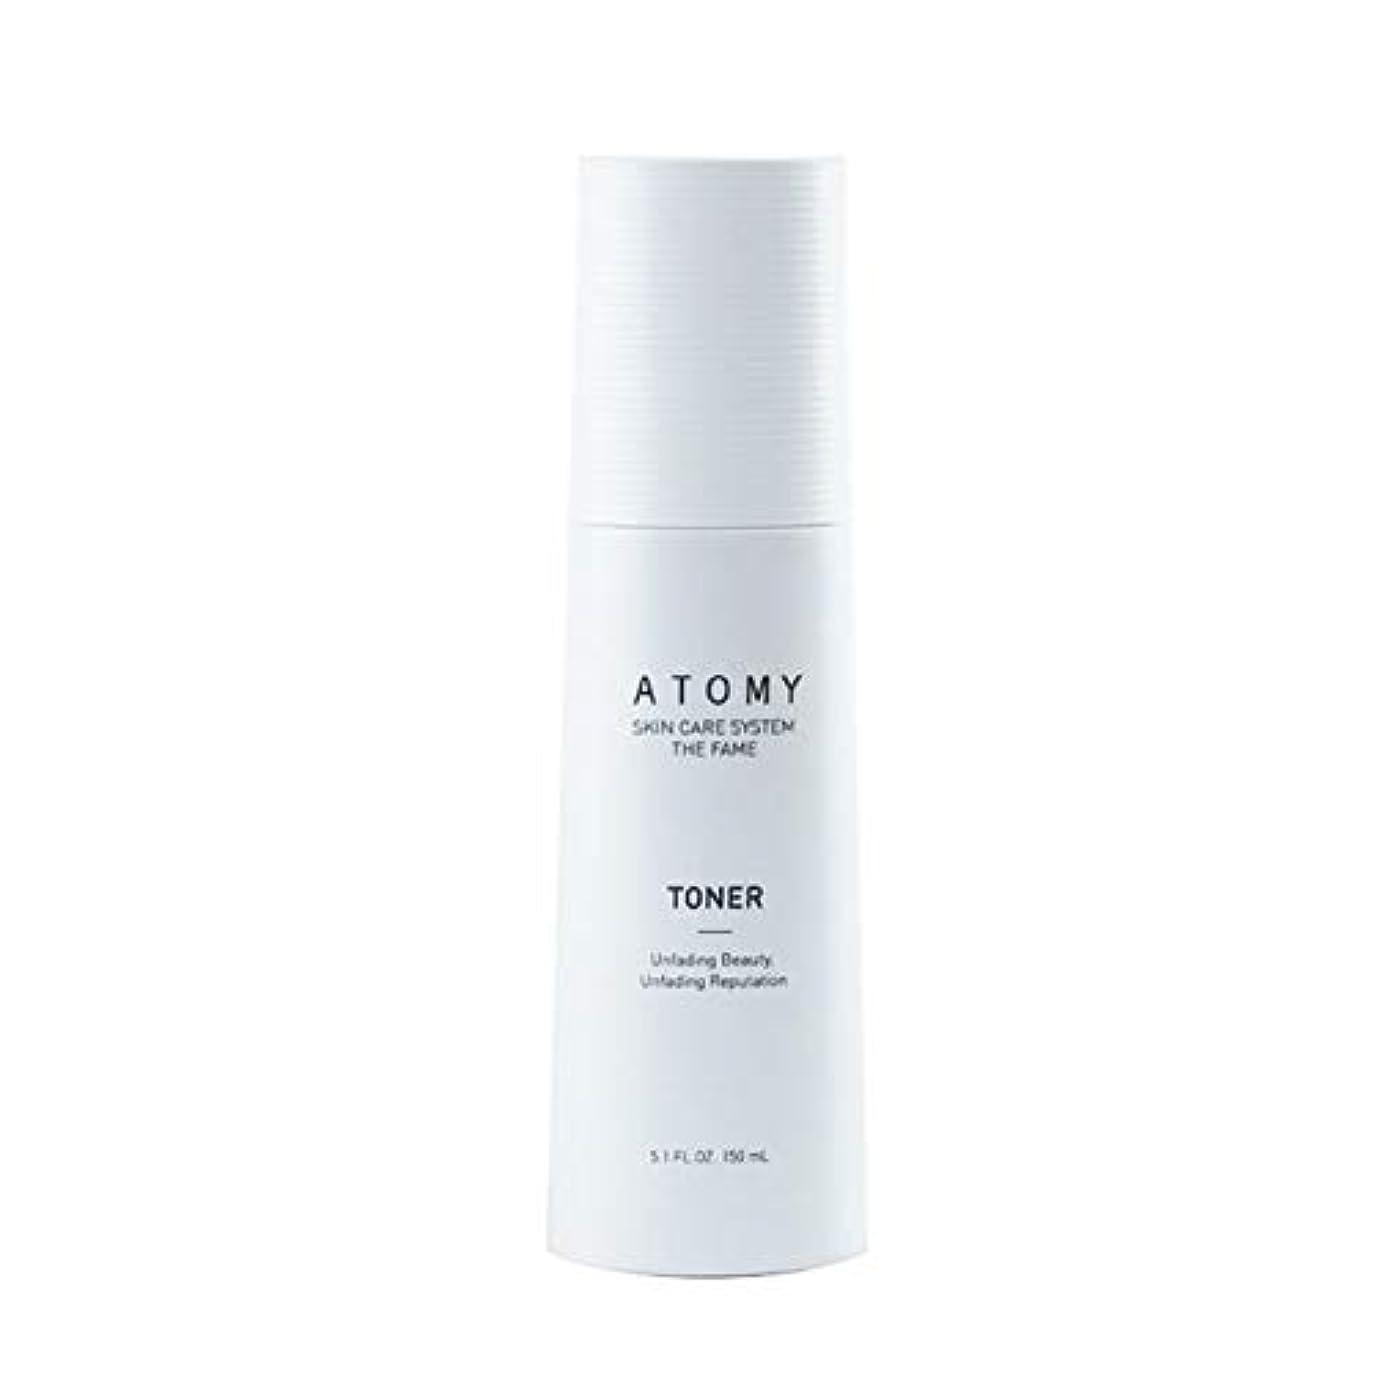 モディッシュラバ浮浪者アトミザ?フェームトナー150ml韓国コスメ、Atomy The Fame Toner 150ml Korean Cosmetics [並行輸入品]